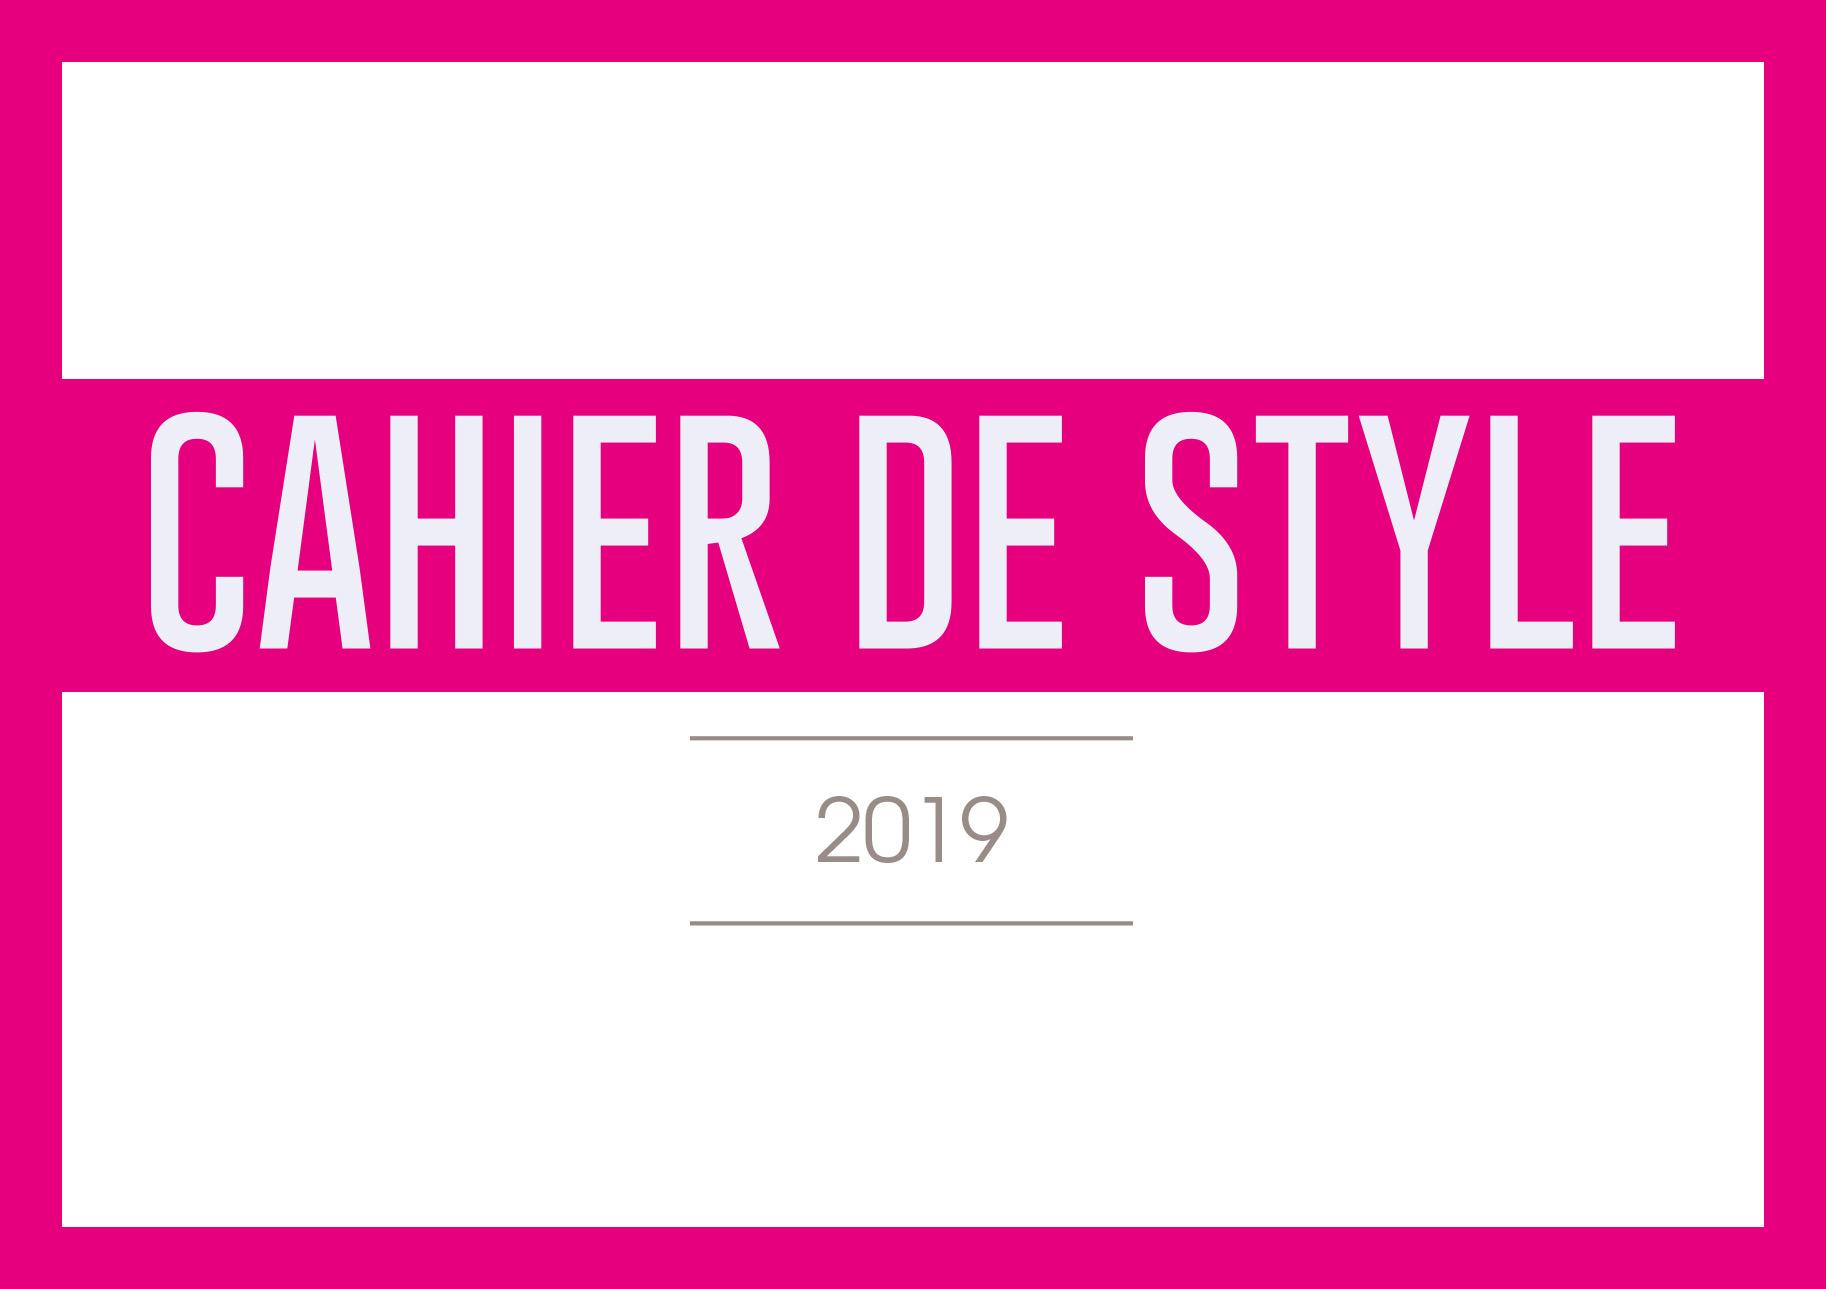 CAHIER-DE-STYLE-2019web